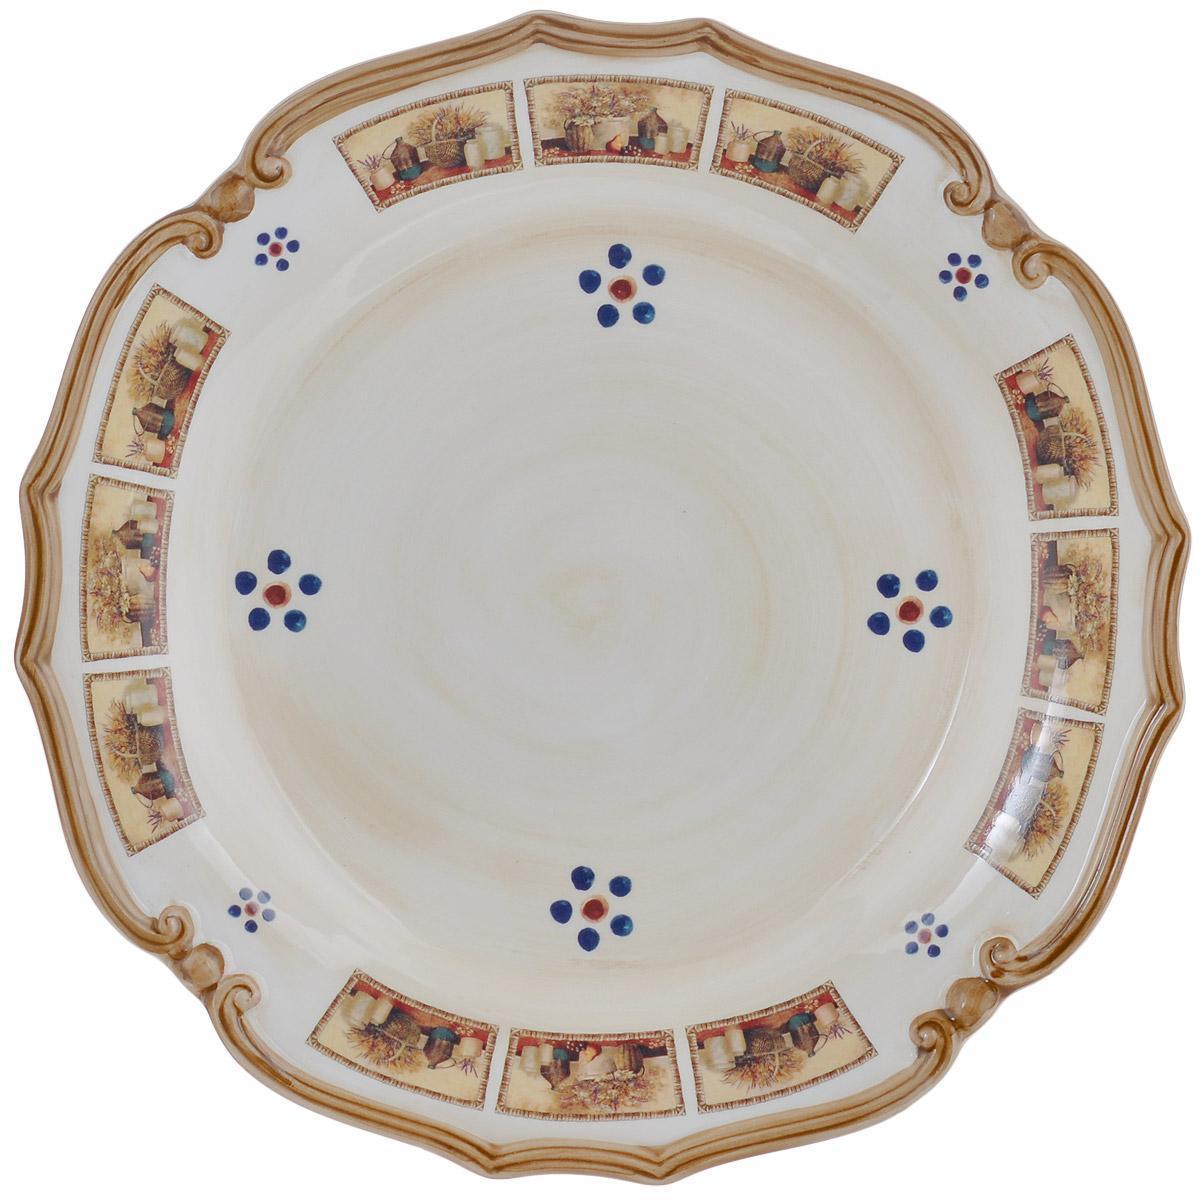 Блюдо LCS Натюрморт, цвет: бежевый, коричневый, диаметр 37 смLCS039V-ALКруглое блюдо LCS Натюрморт, изготовленное из керамики, станет достойным украшением вашего стола. Блюдо с рельефными краями оформлены изображением картин с натюрмортами.Изящный дизайн и красочность оформления придутся по вкусу и ценителям классики, и тем, кто предпочитает утонченность и изысканность. Высокий стандарт изделий обеспечивается за счет соединения высоко технологичного производства и использования ручной работы профессиональных дизайнеров и художников, работающих на фабрике. Блюдо LCS Маковый луг украсит сервировку вашего стола и подчеркнет прекрасный вкус хозяина, а также станет отличным подарком. Диаметр блюда: 37 см.Высота стенки: 4,5 см.